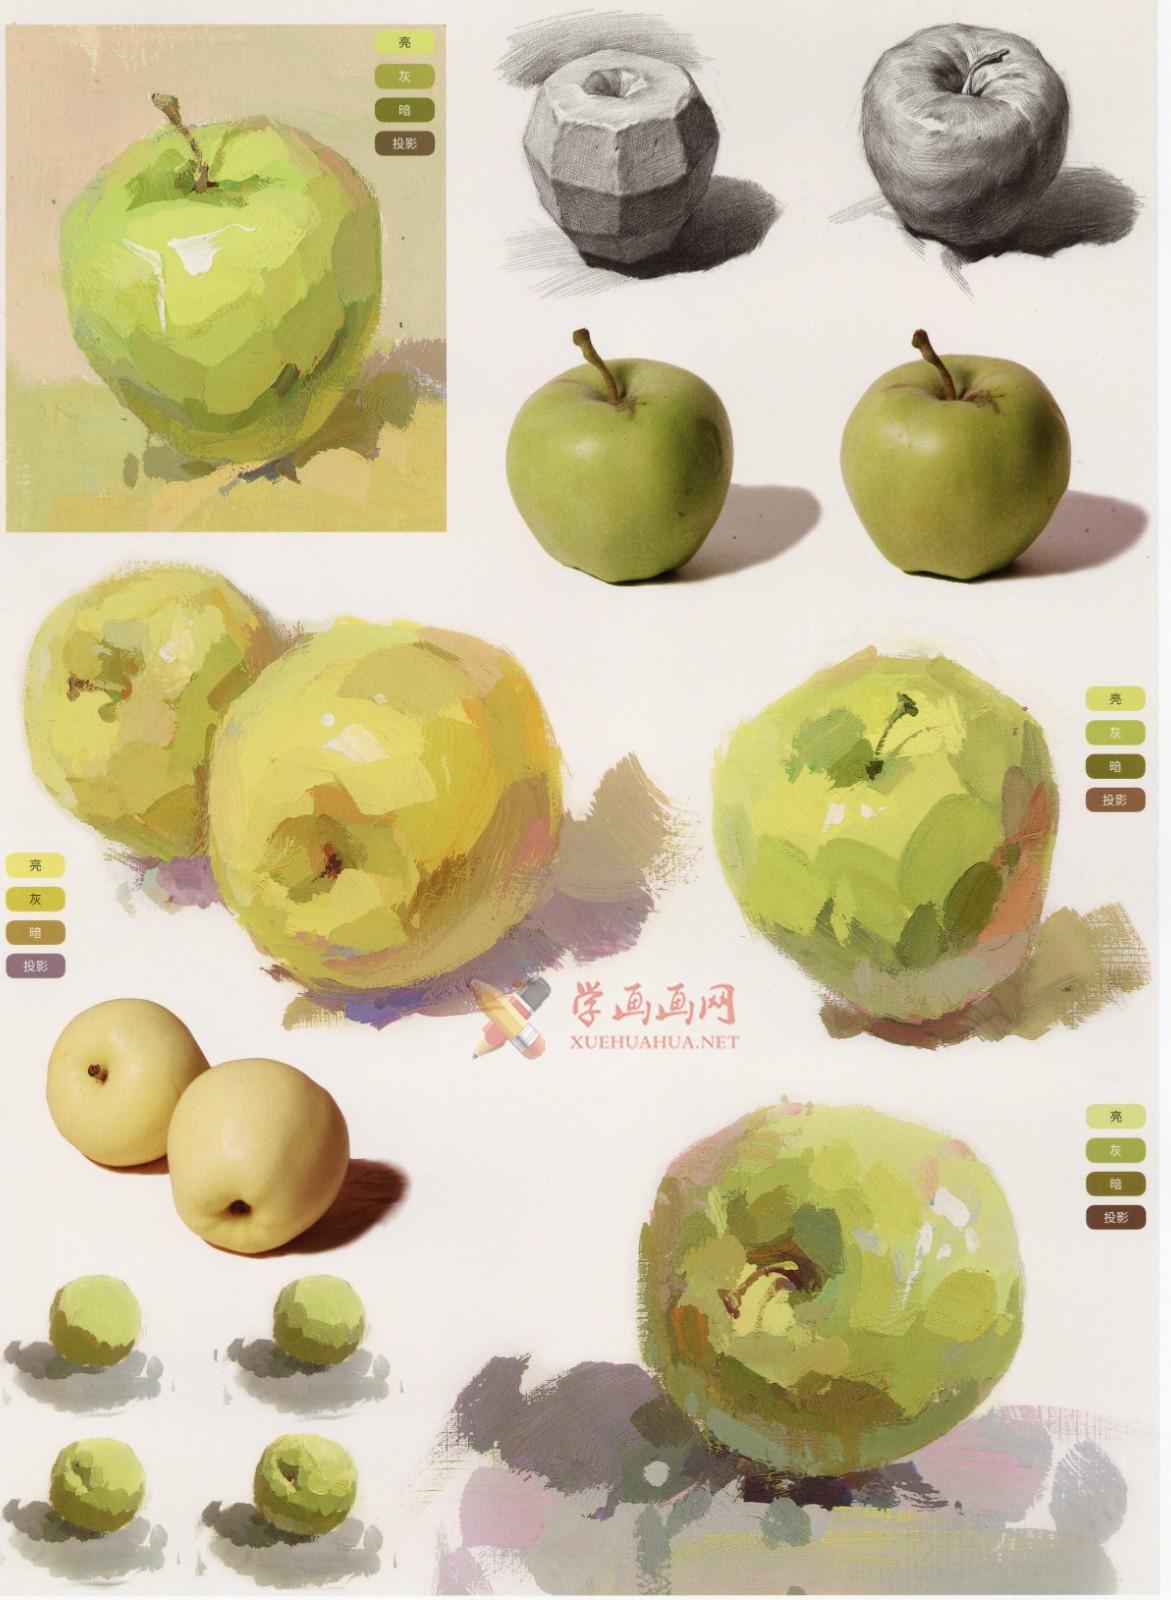 水粉画单体静物:苹果的画法图解及临摹高清范画图片(5)